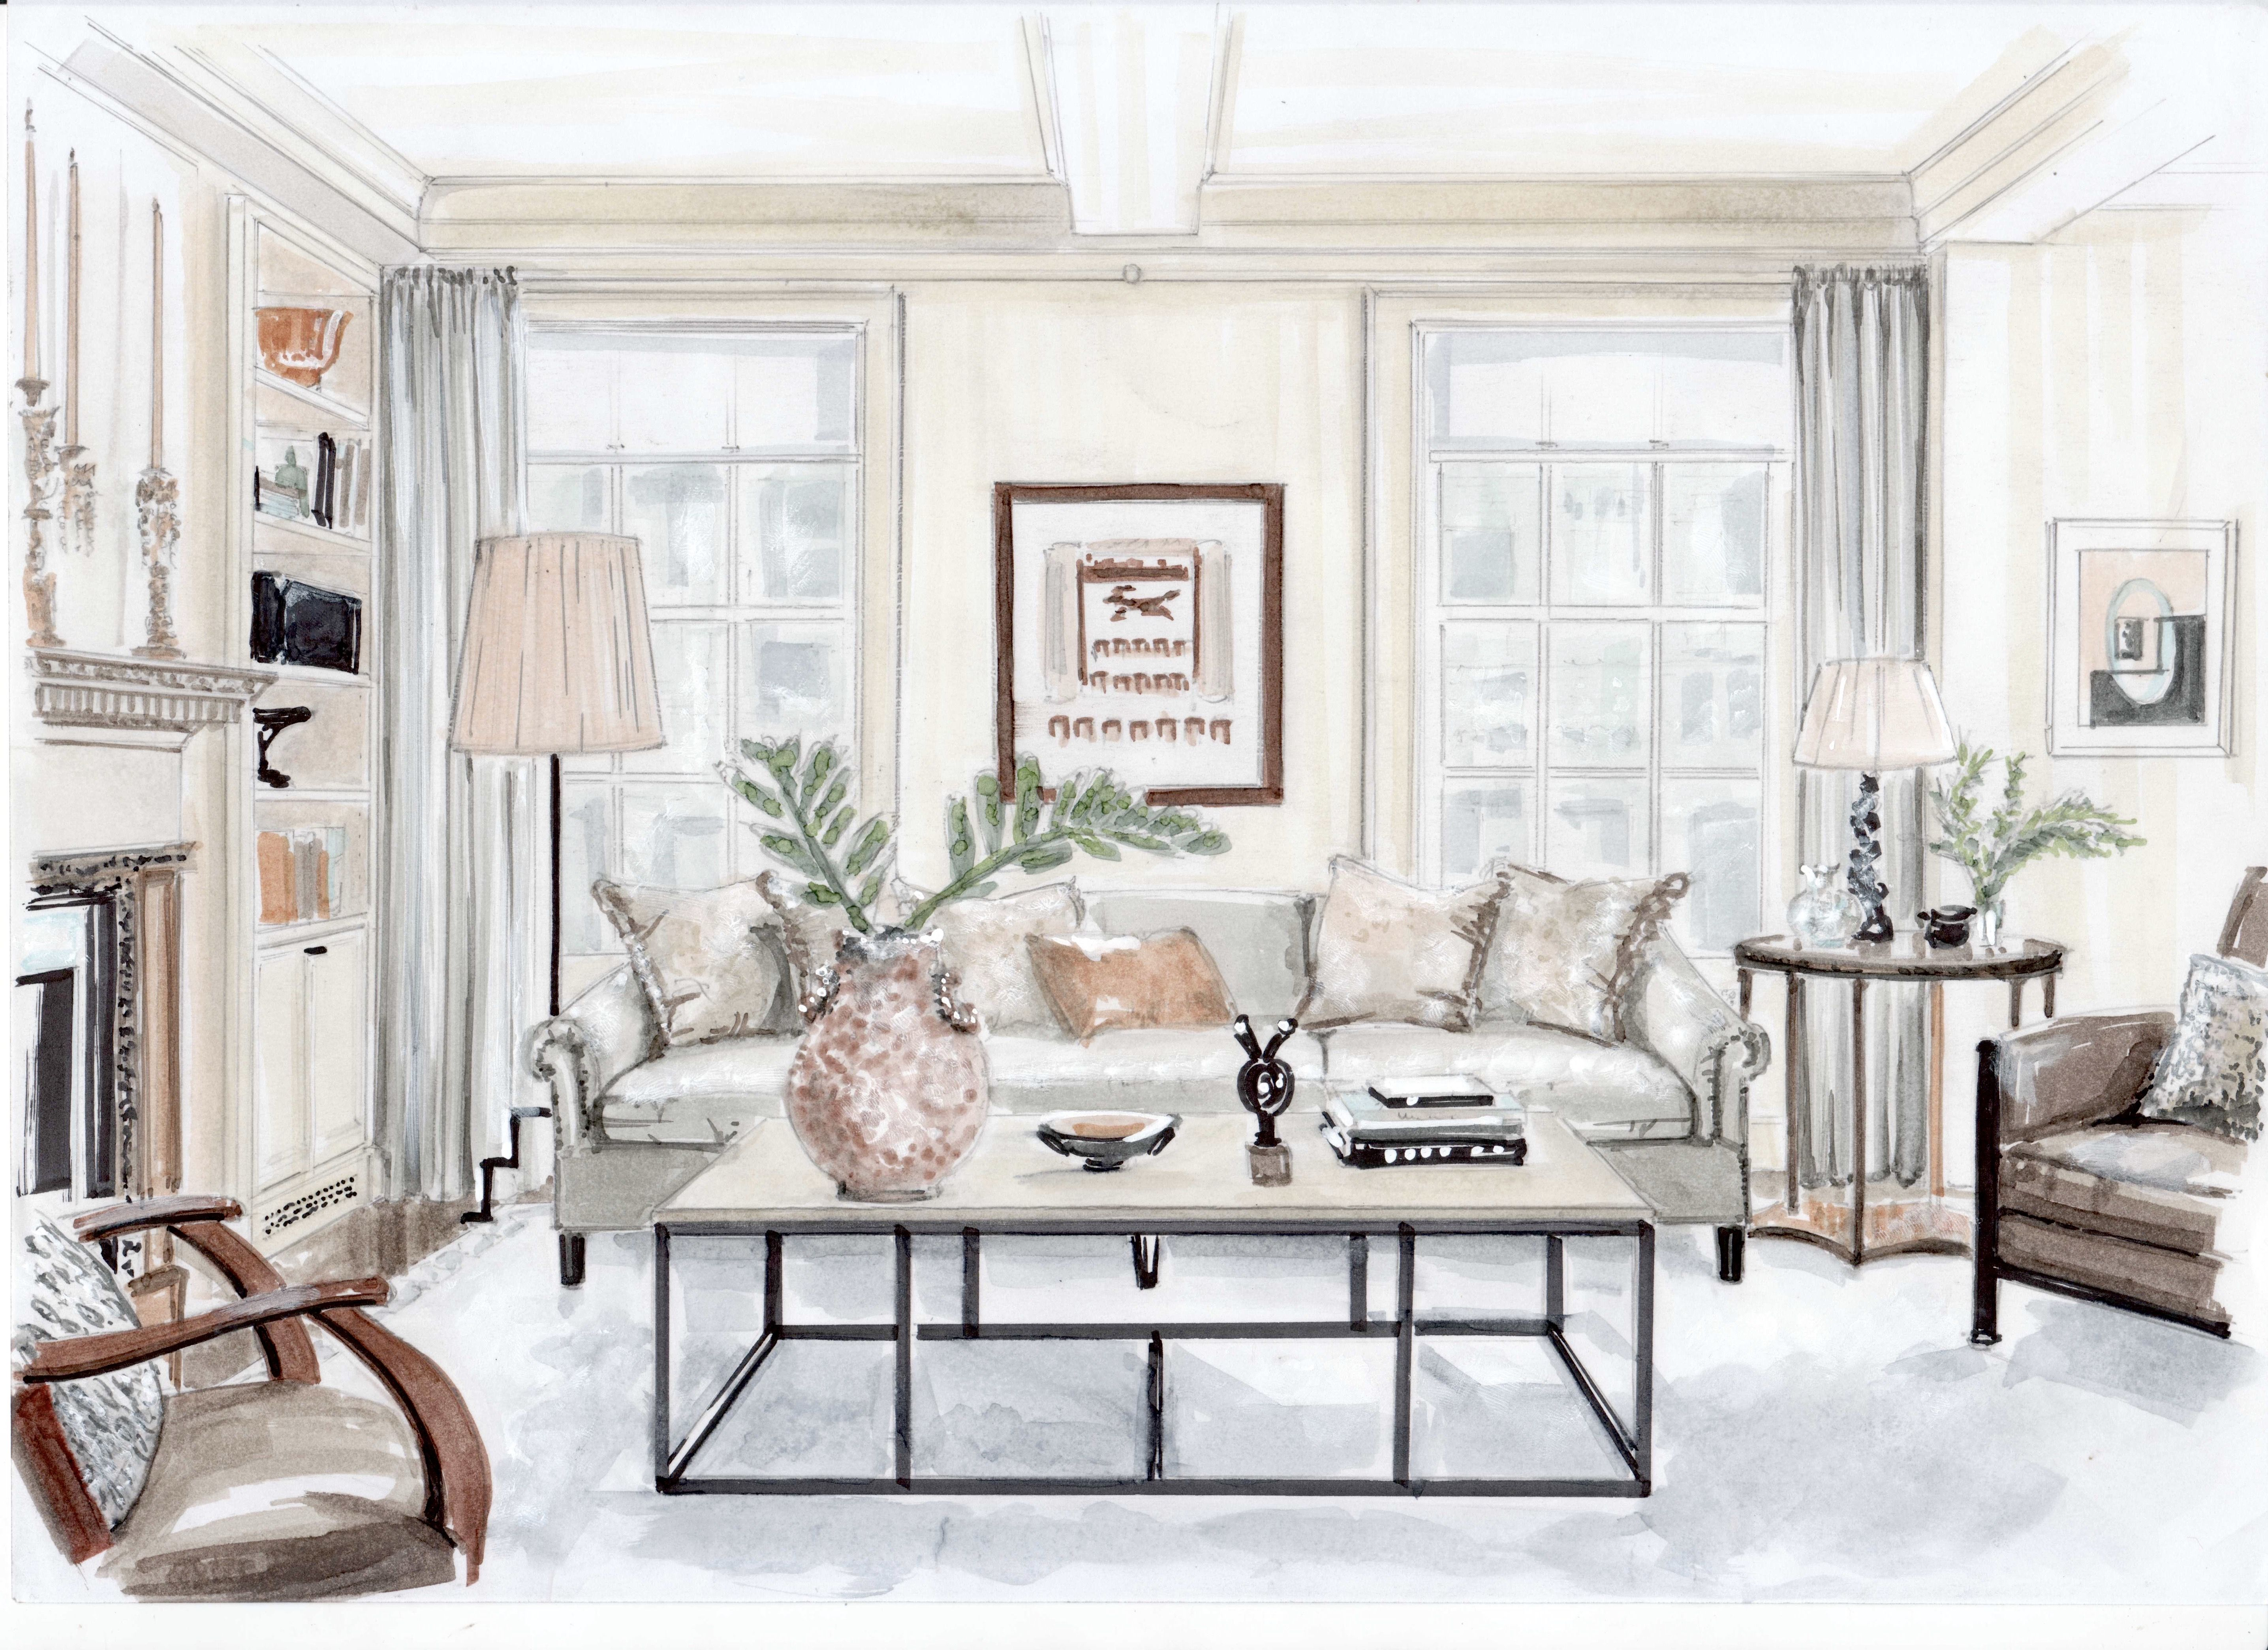 Stacey Lapuk Interiors Living Room Design Interior Design Living Room Interior Design Portfolios Interior Design Living room re design